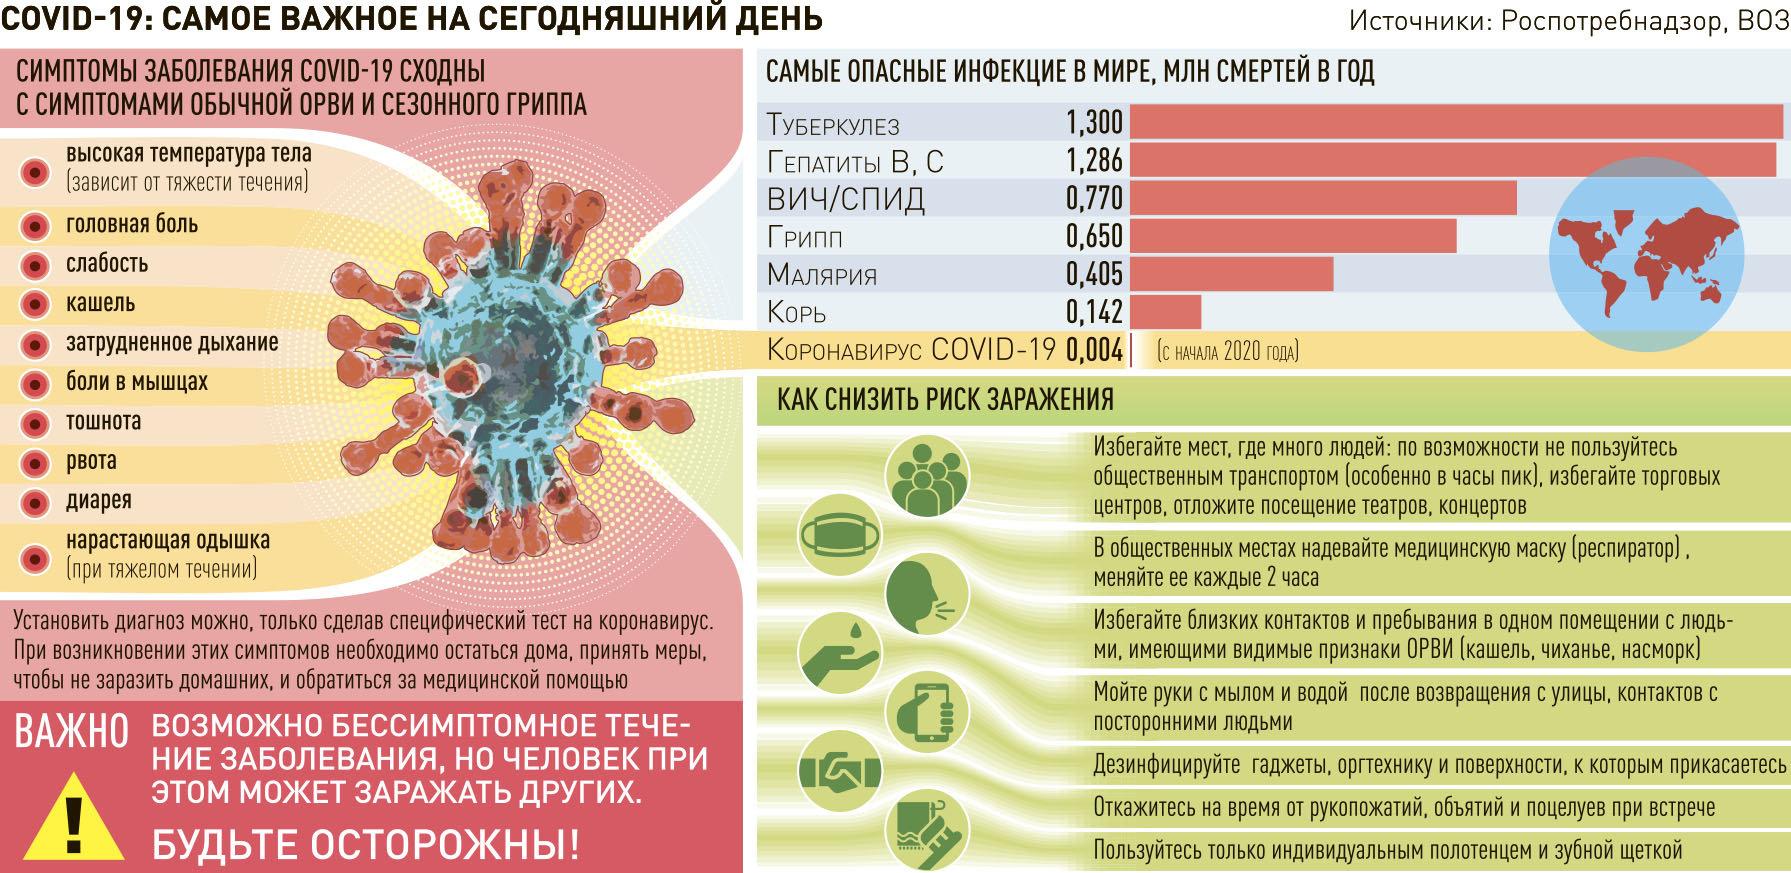 Истинные цели организаторов «пандемии» коронавируса covid-19